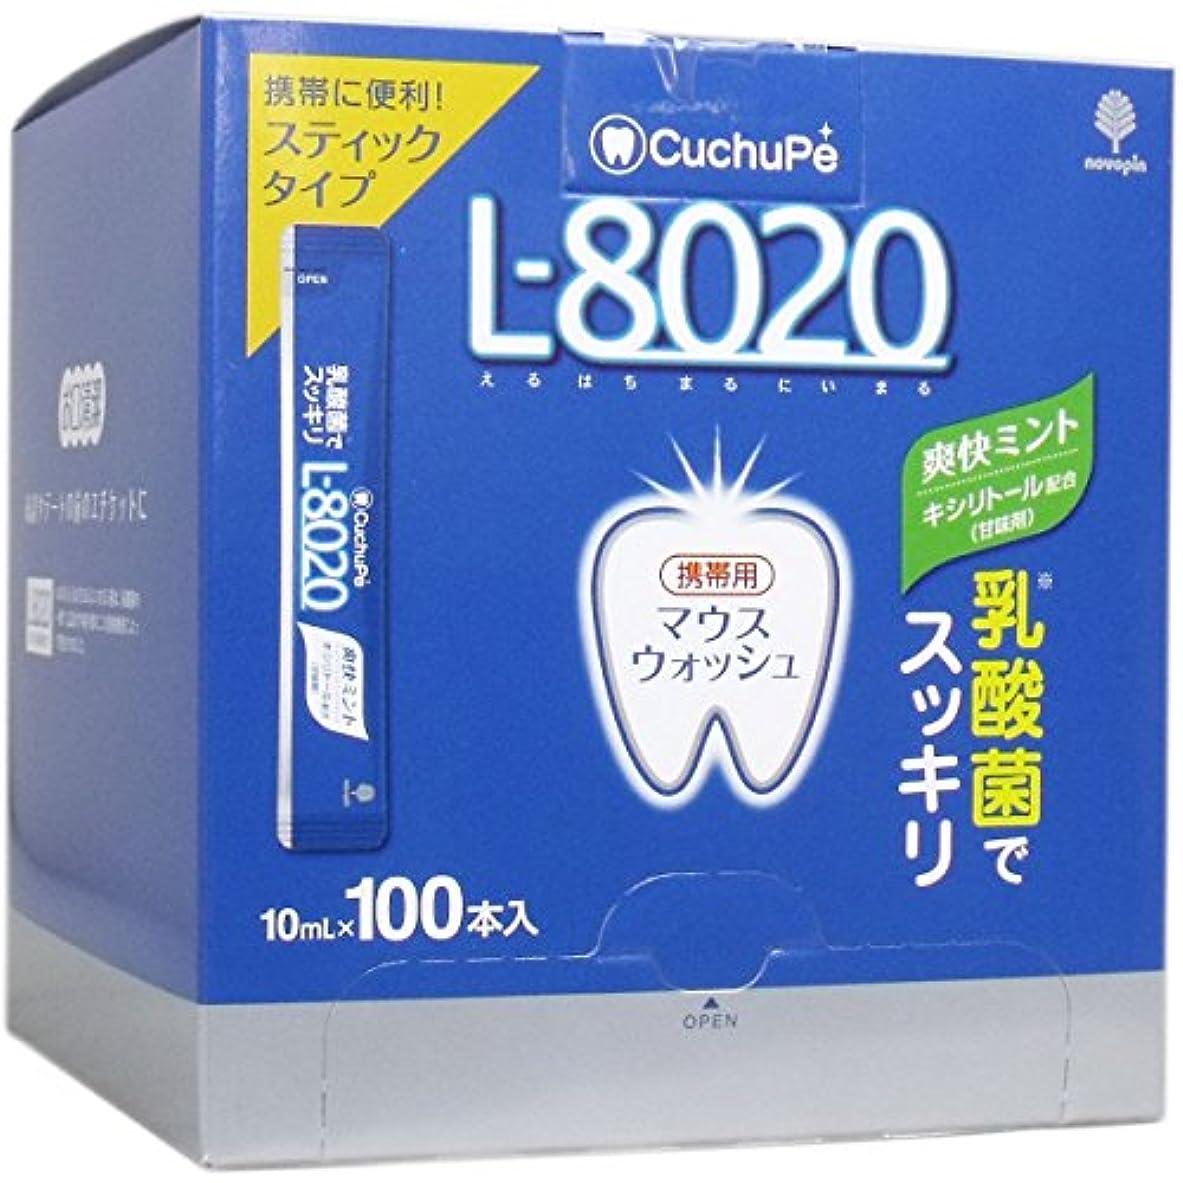 赤字清めるマーキークチュッペ L-8020 マウスウォッシュ 爽快ミント スティックタイプ 100本入